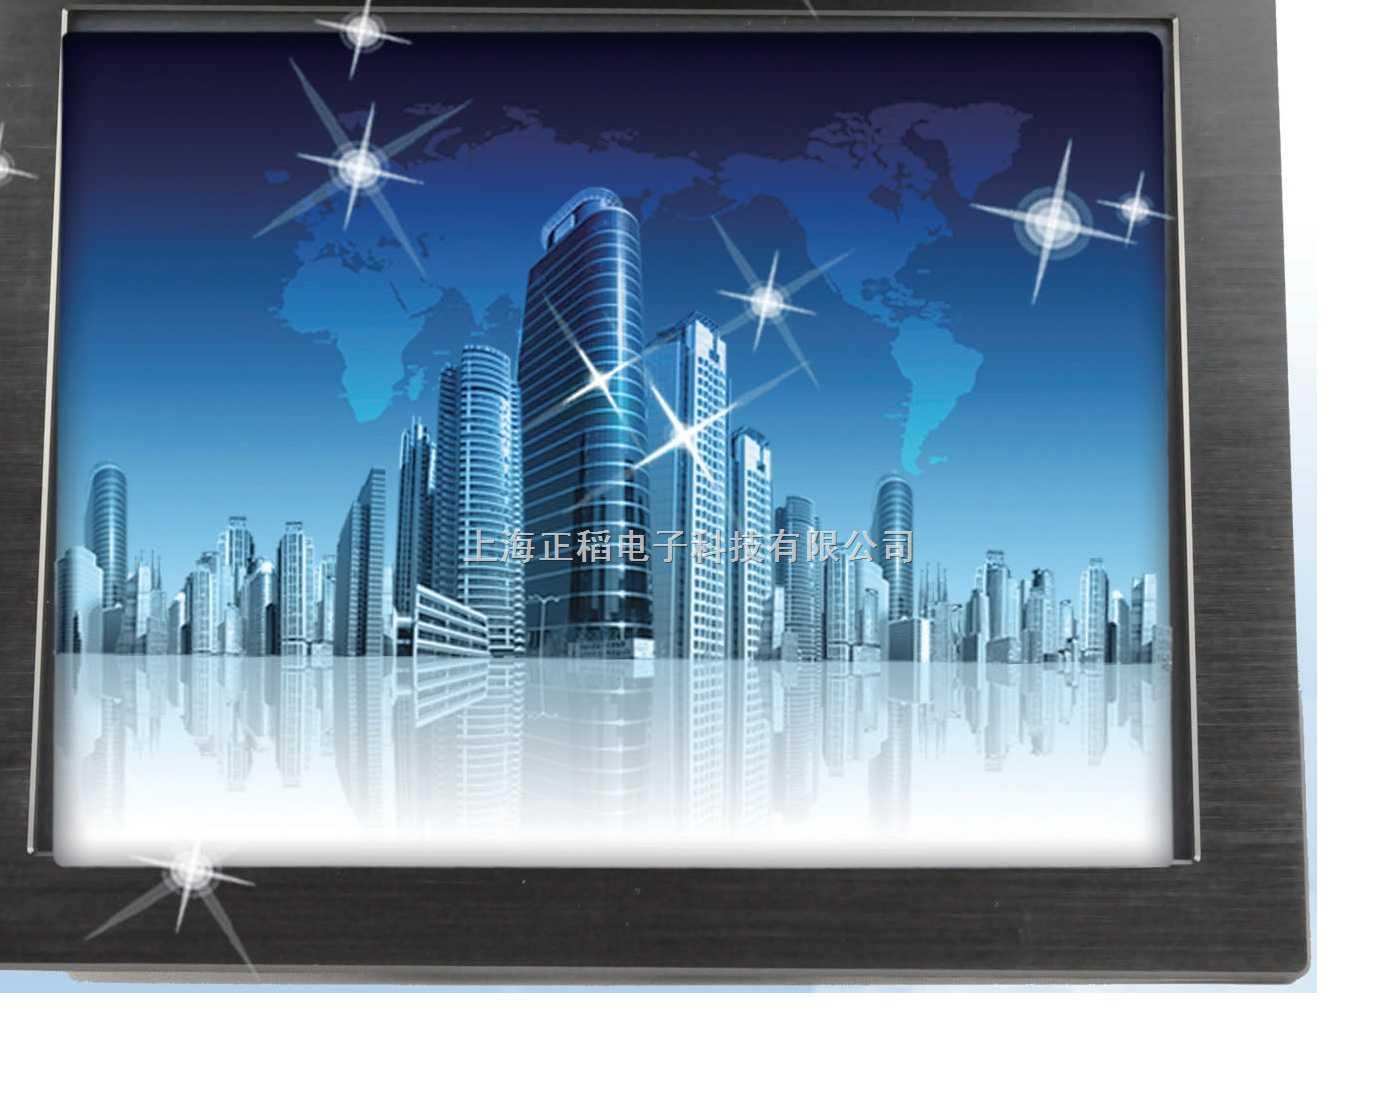 触控平板电脑-15寸工业触控平板电脑